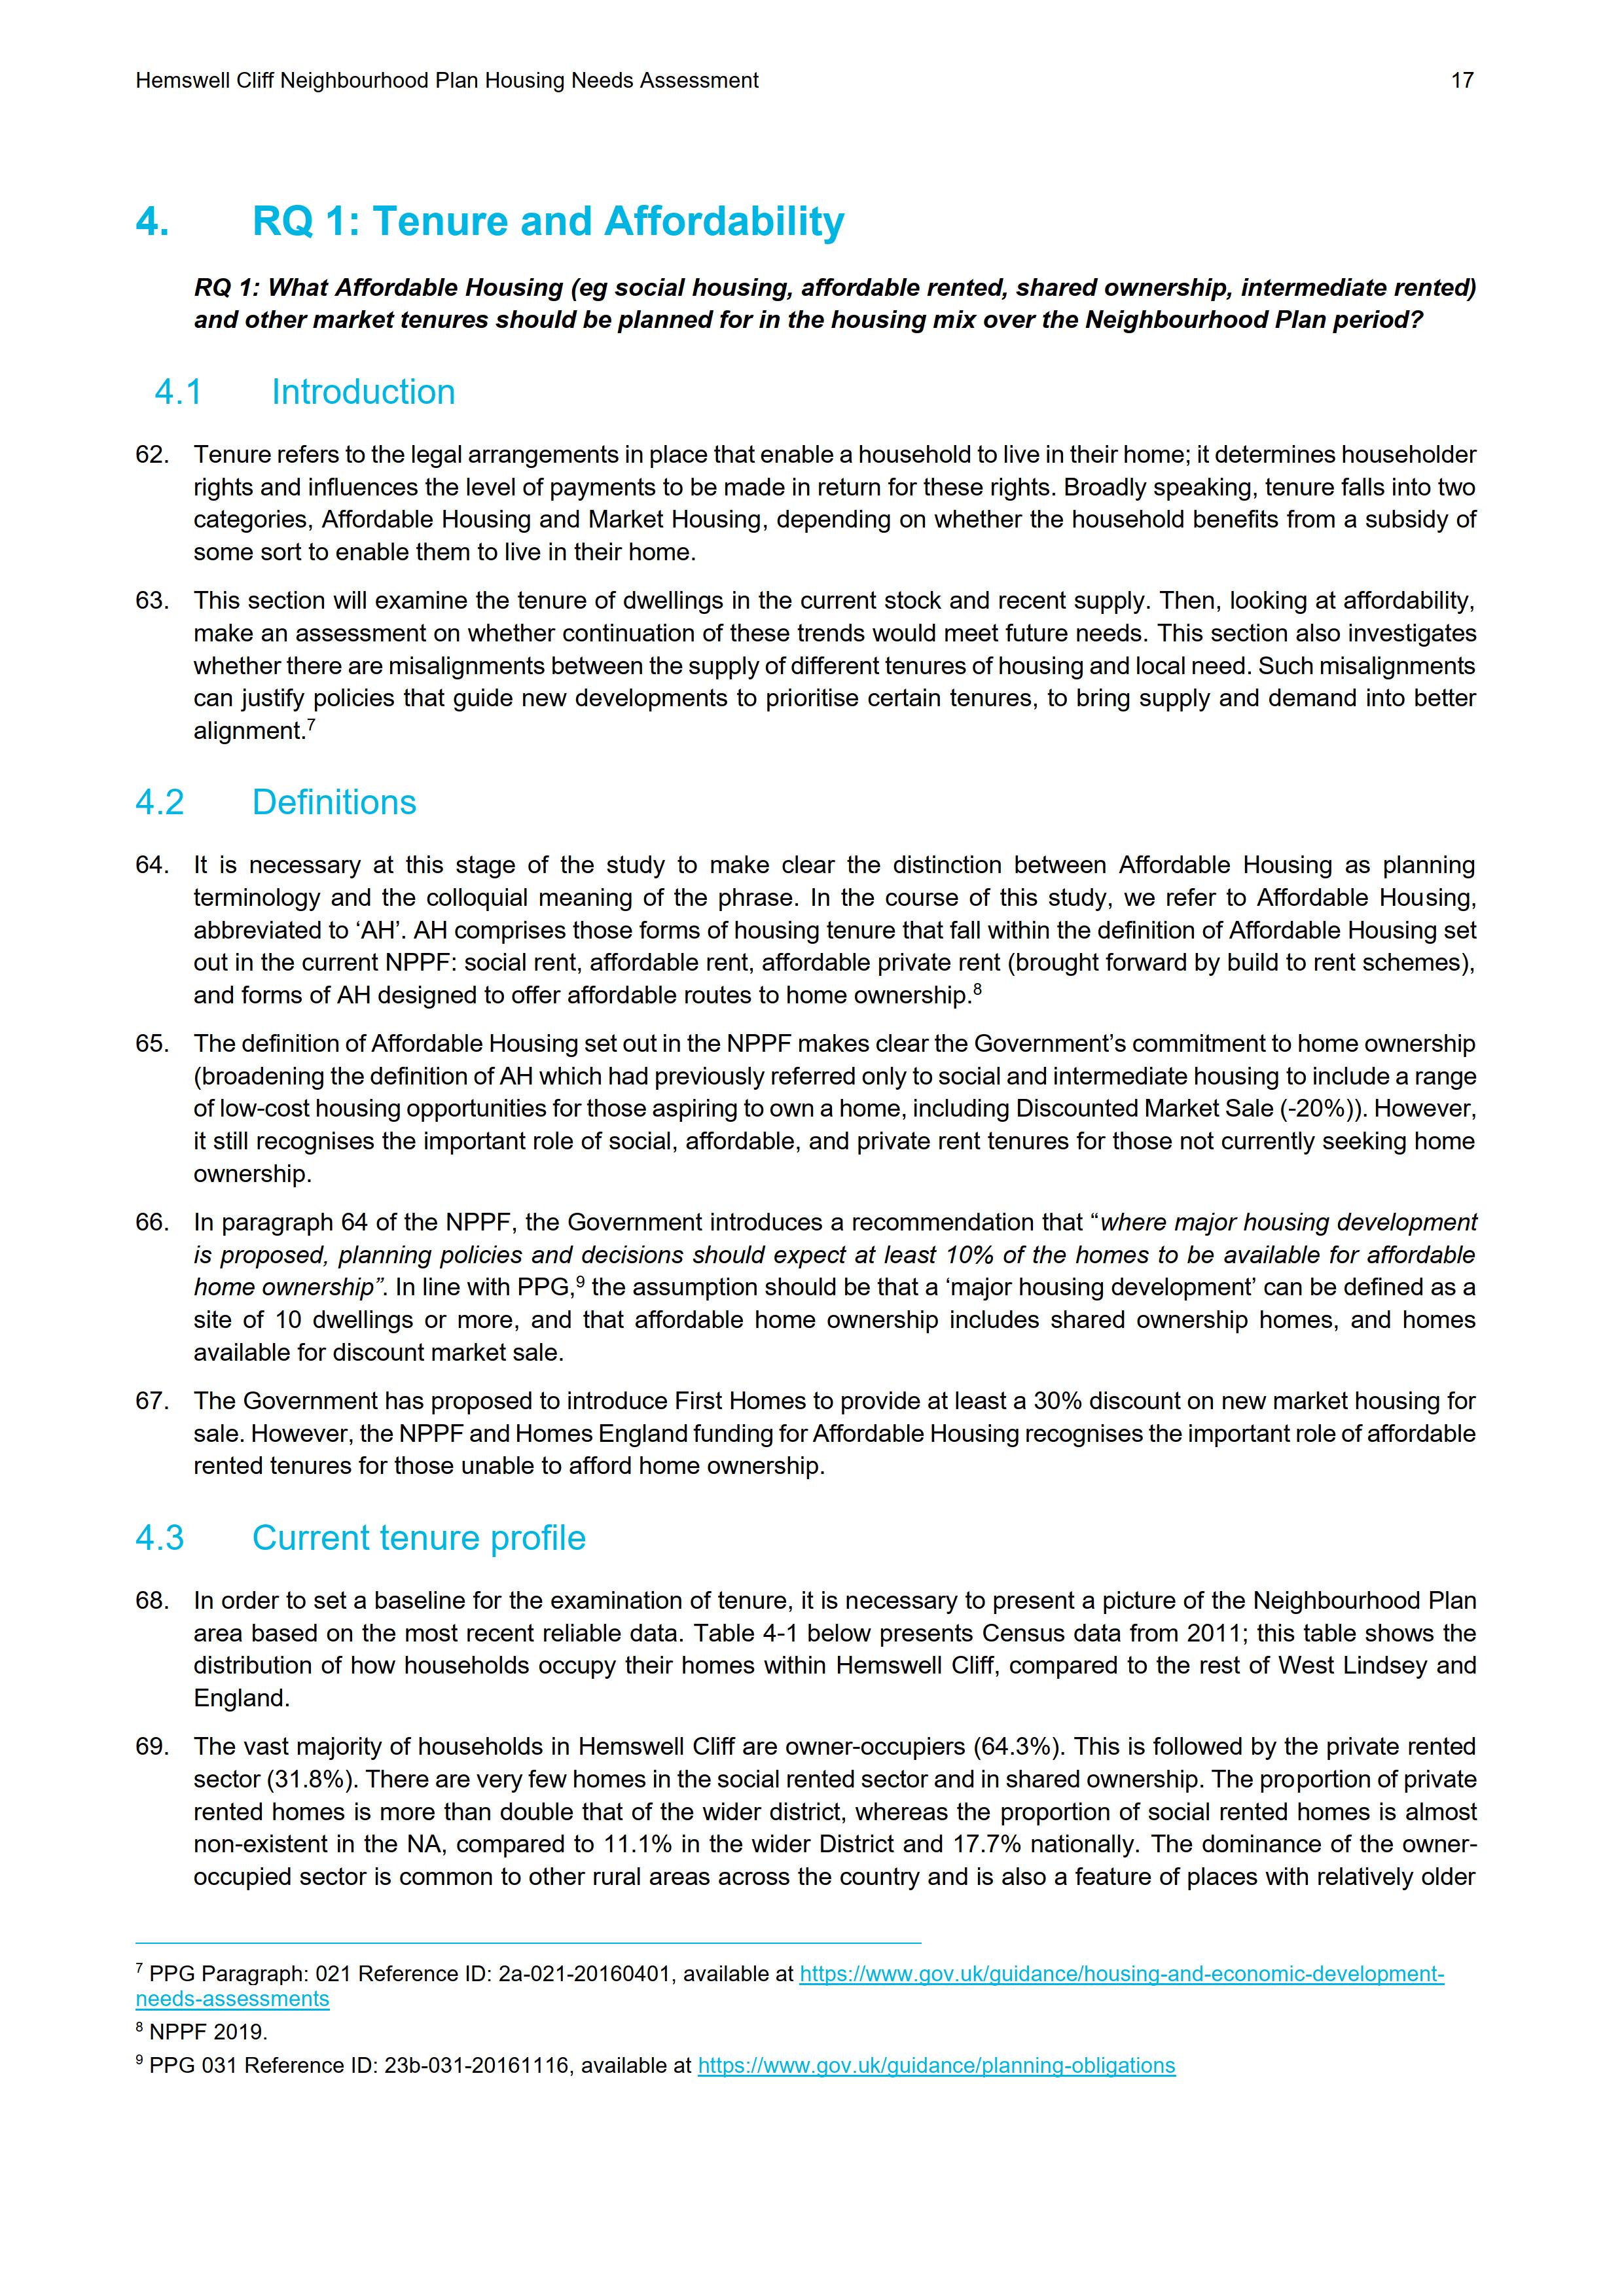 Hemswell_Cliff_Housing_Needs_Assessment_Final_17.png